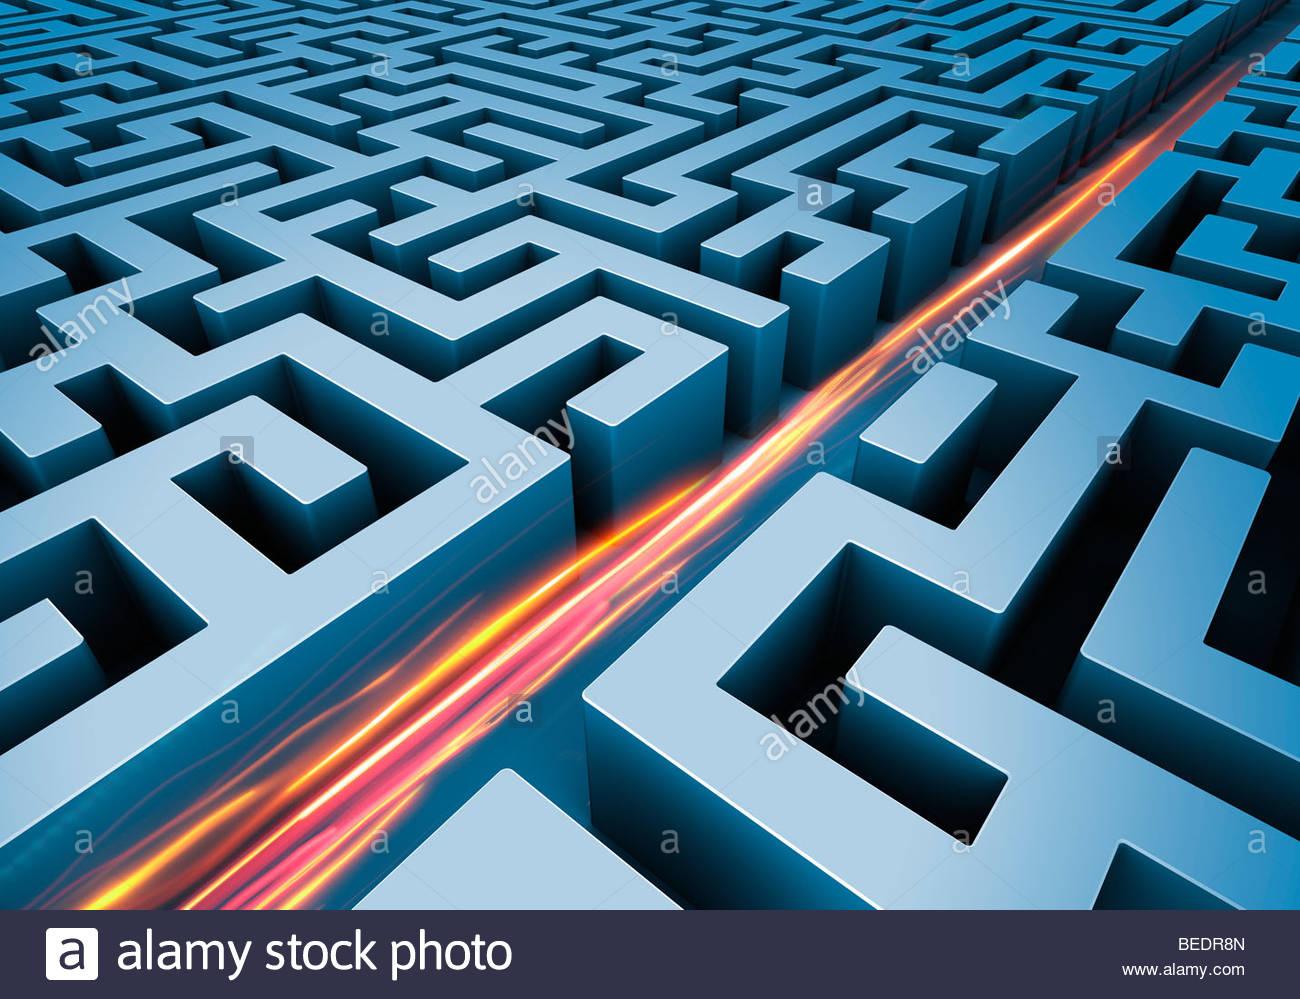 Trilhas de luz de corte caminho reto através do labirinto Imagens de Stock